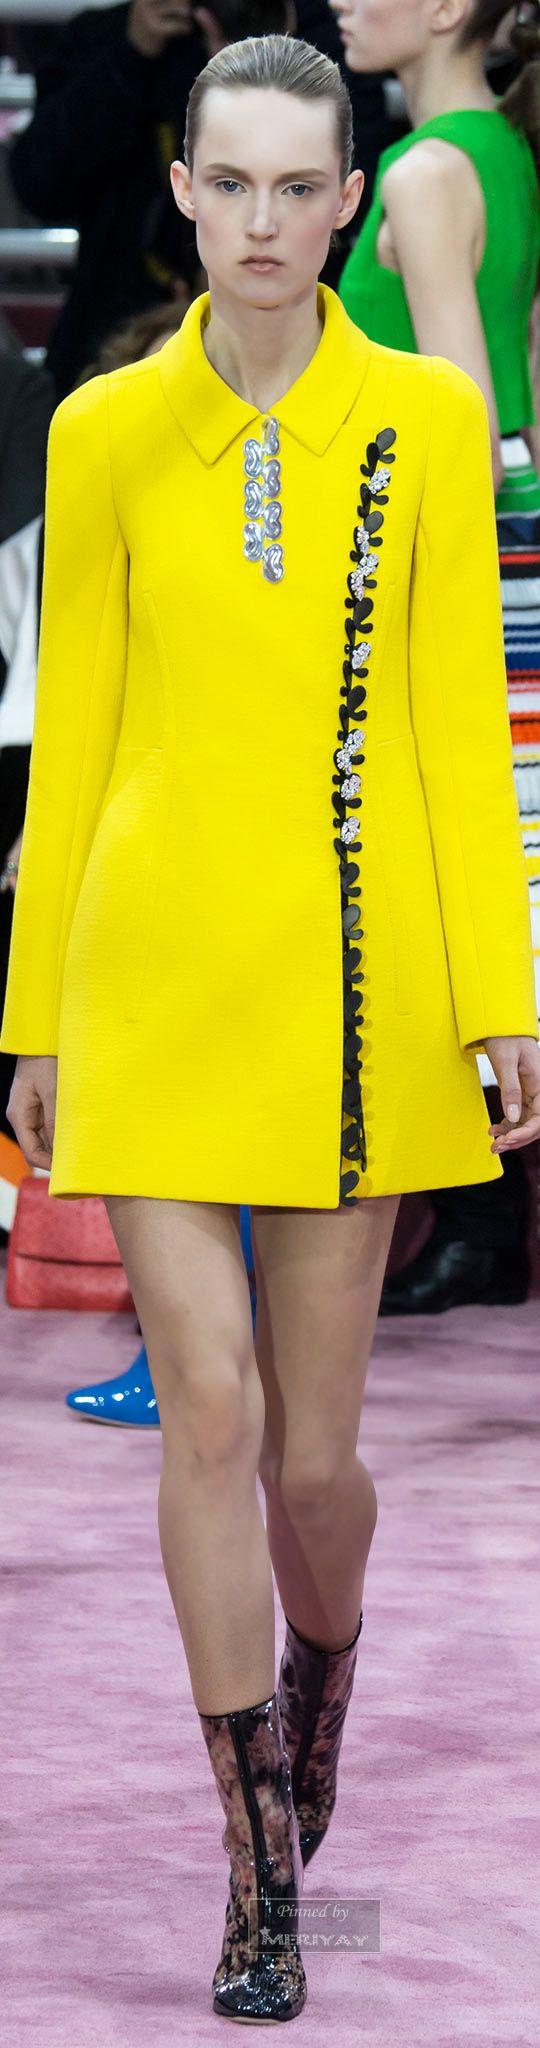 Farb-und Stilberatung mit www.farben-reich.com - Christian Dior.Spring 2015 Couture.